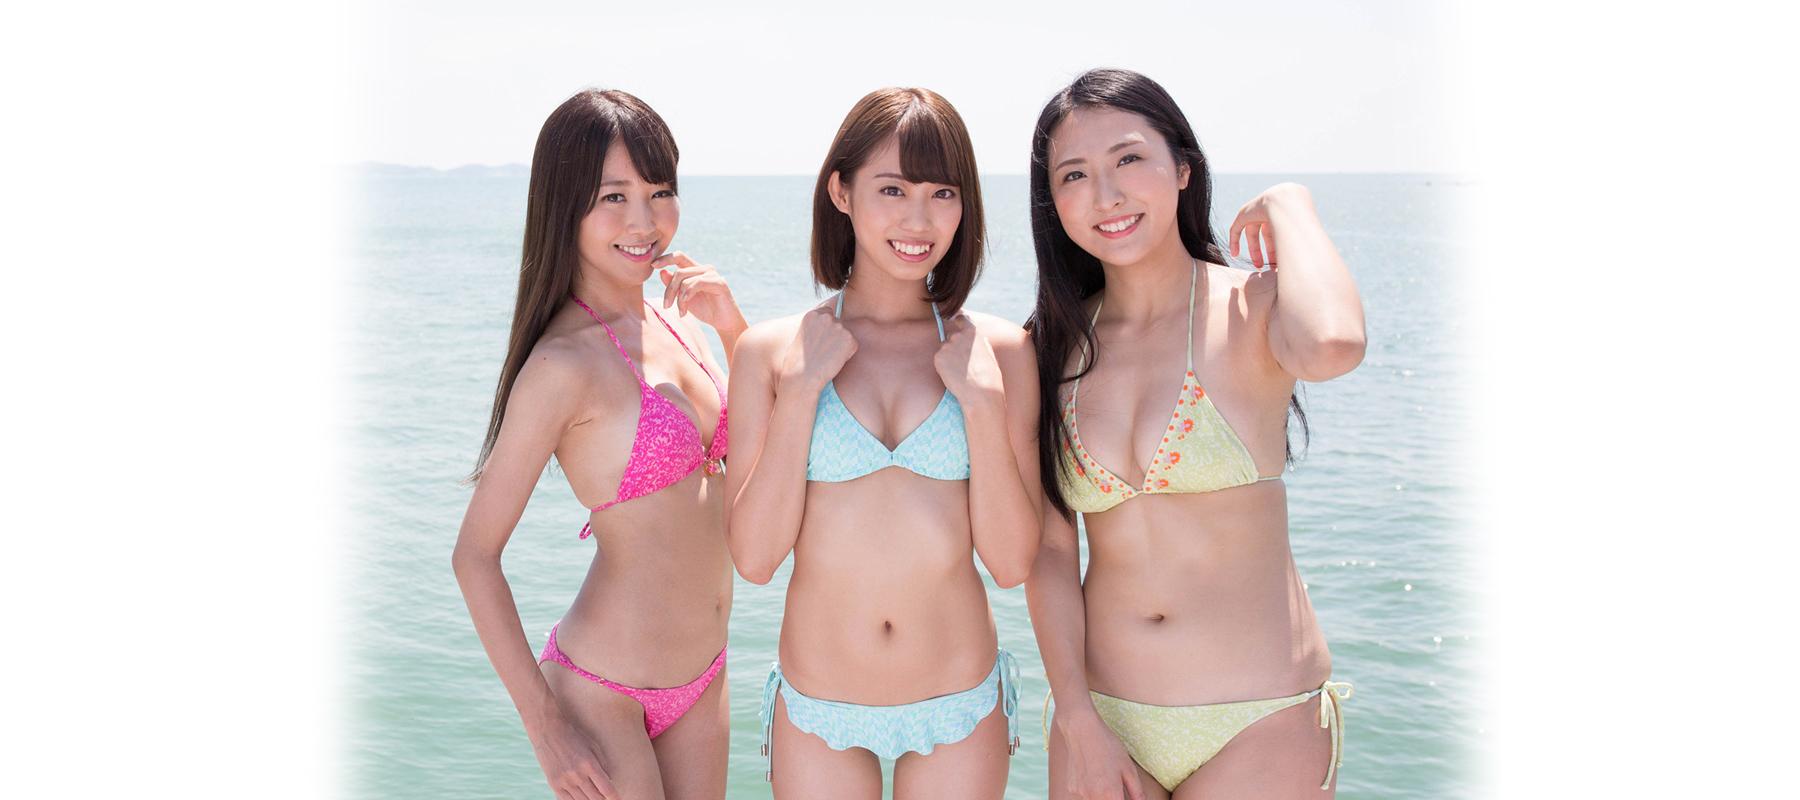 「ミスFLASH2019」グランプリ3人。左から沙倉しずか、山岸奈津美、阿南萌花